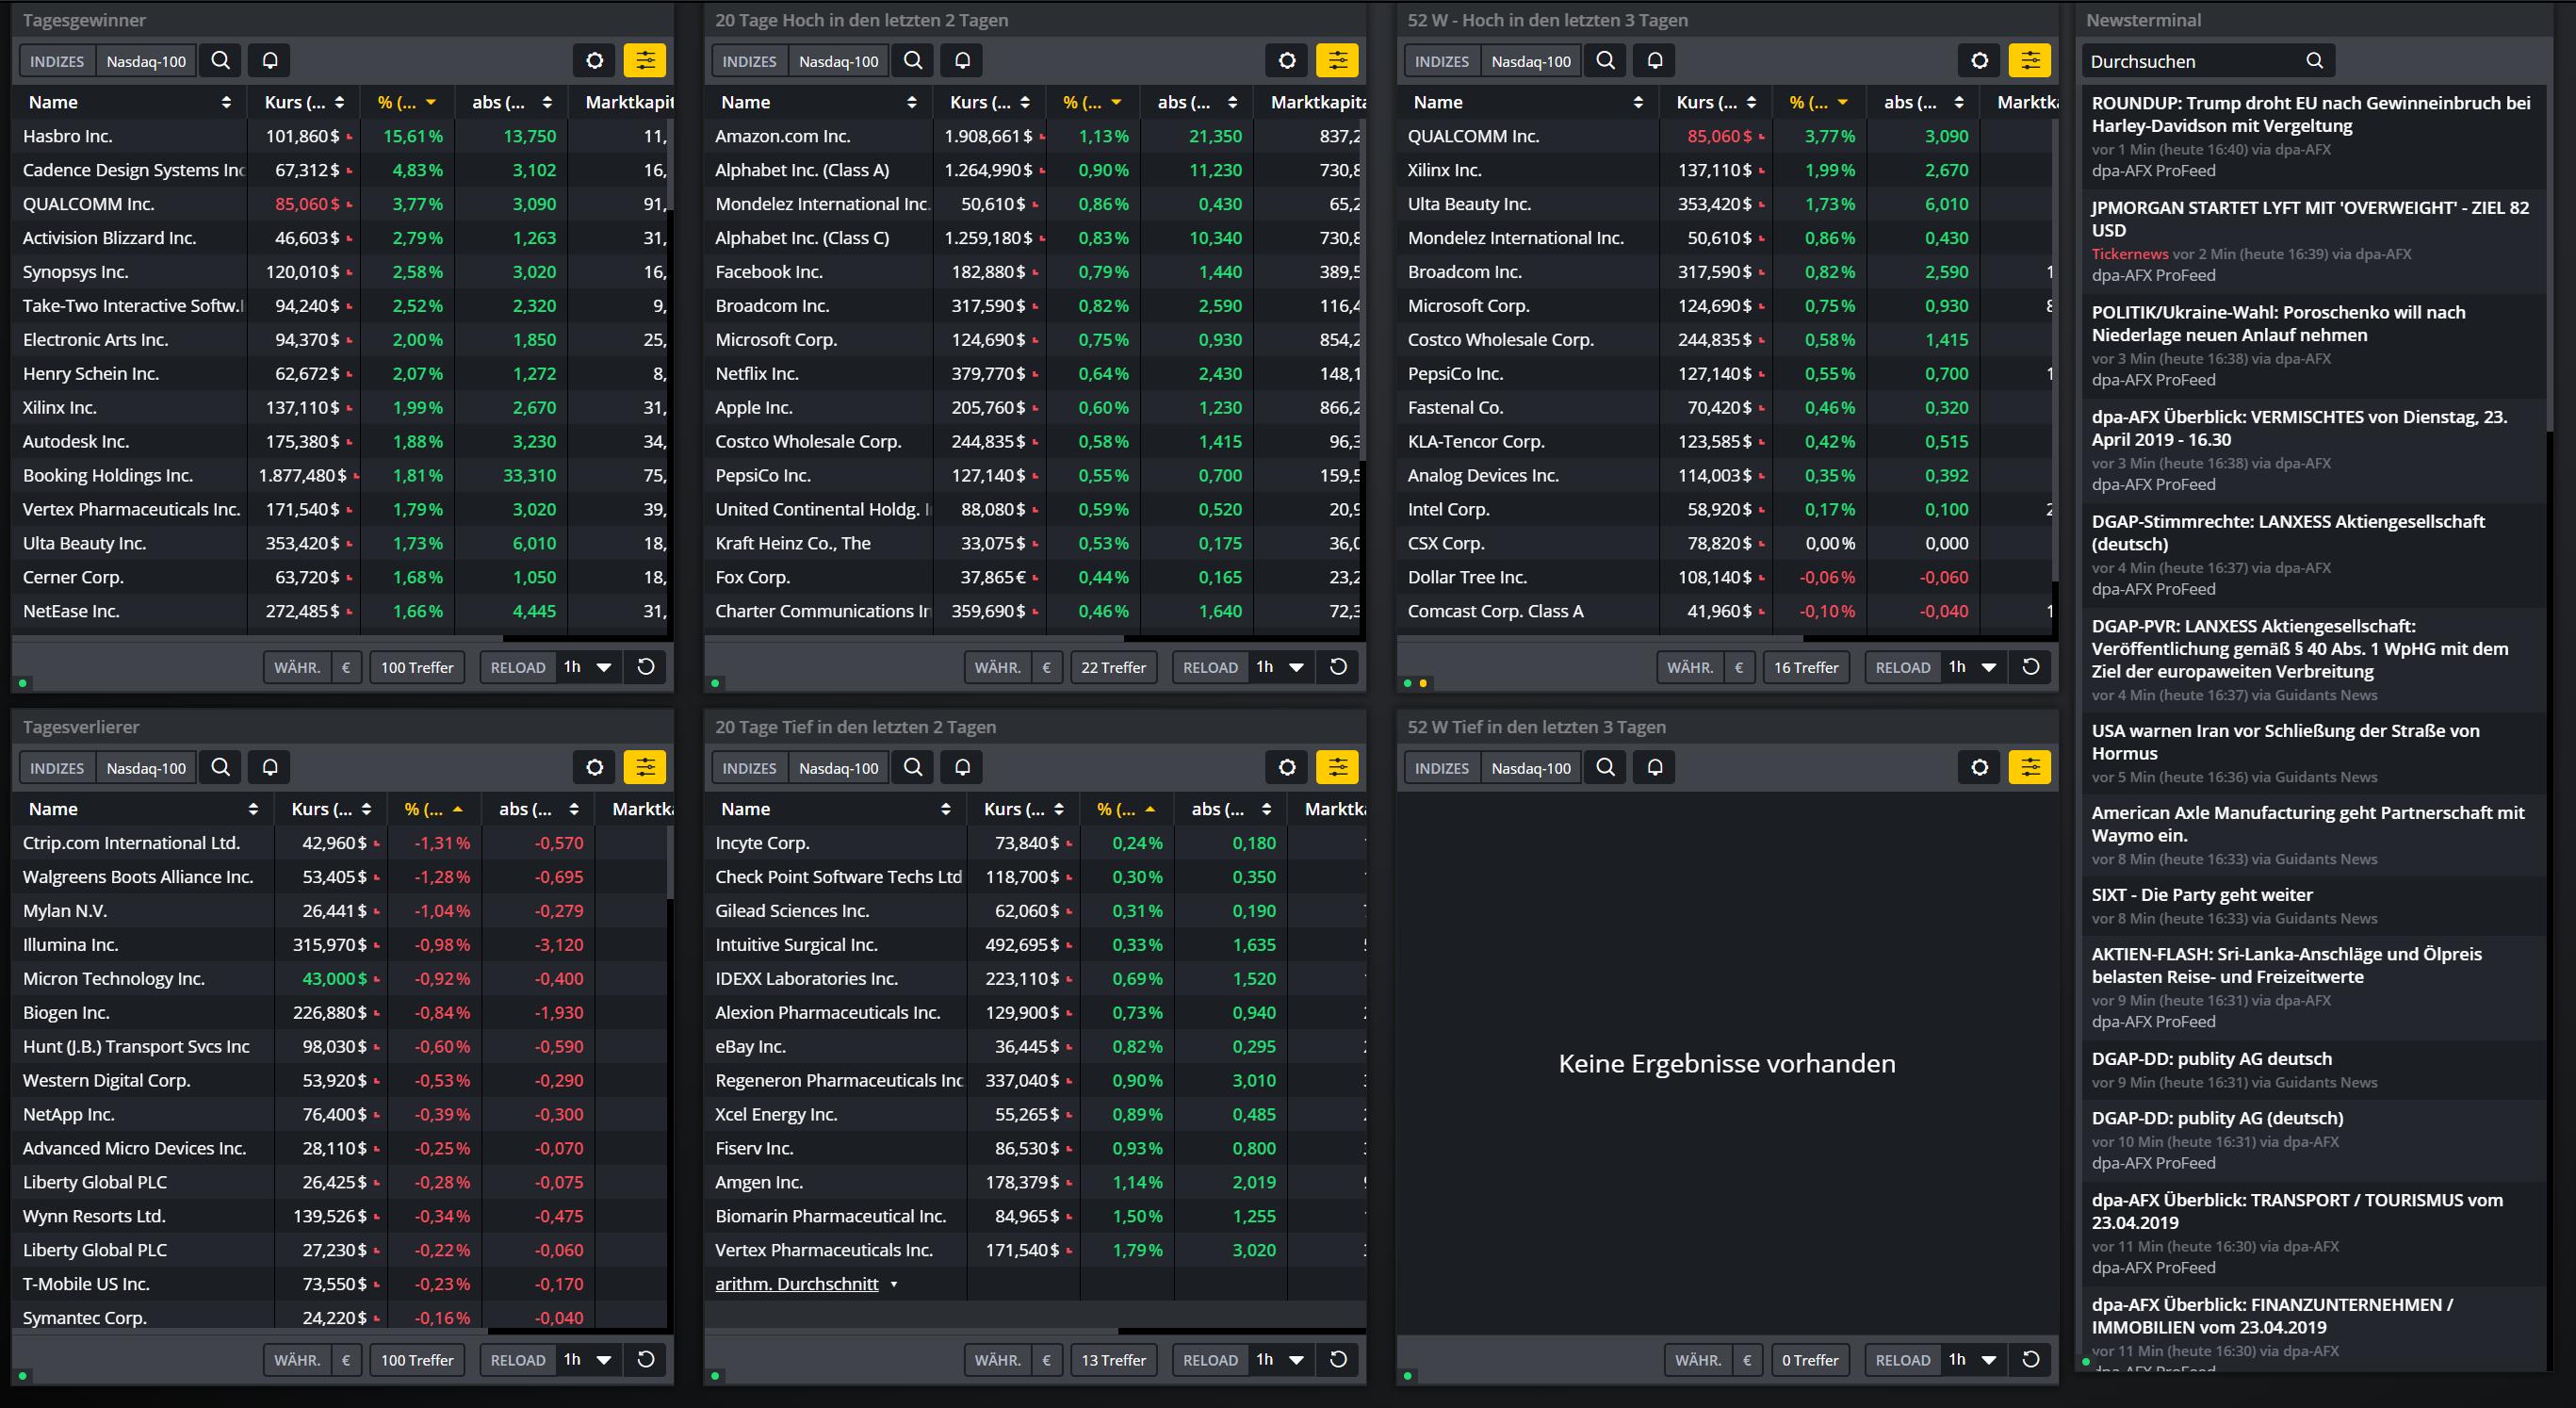 Nasdaq100-Diese-Technologie-Aktien-bewegen-sich-heute-stark-Kommentar-Daniel-Kühn-GodmodeTrader.de-1